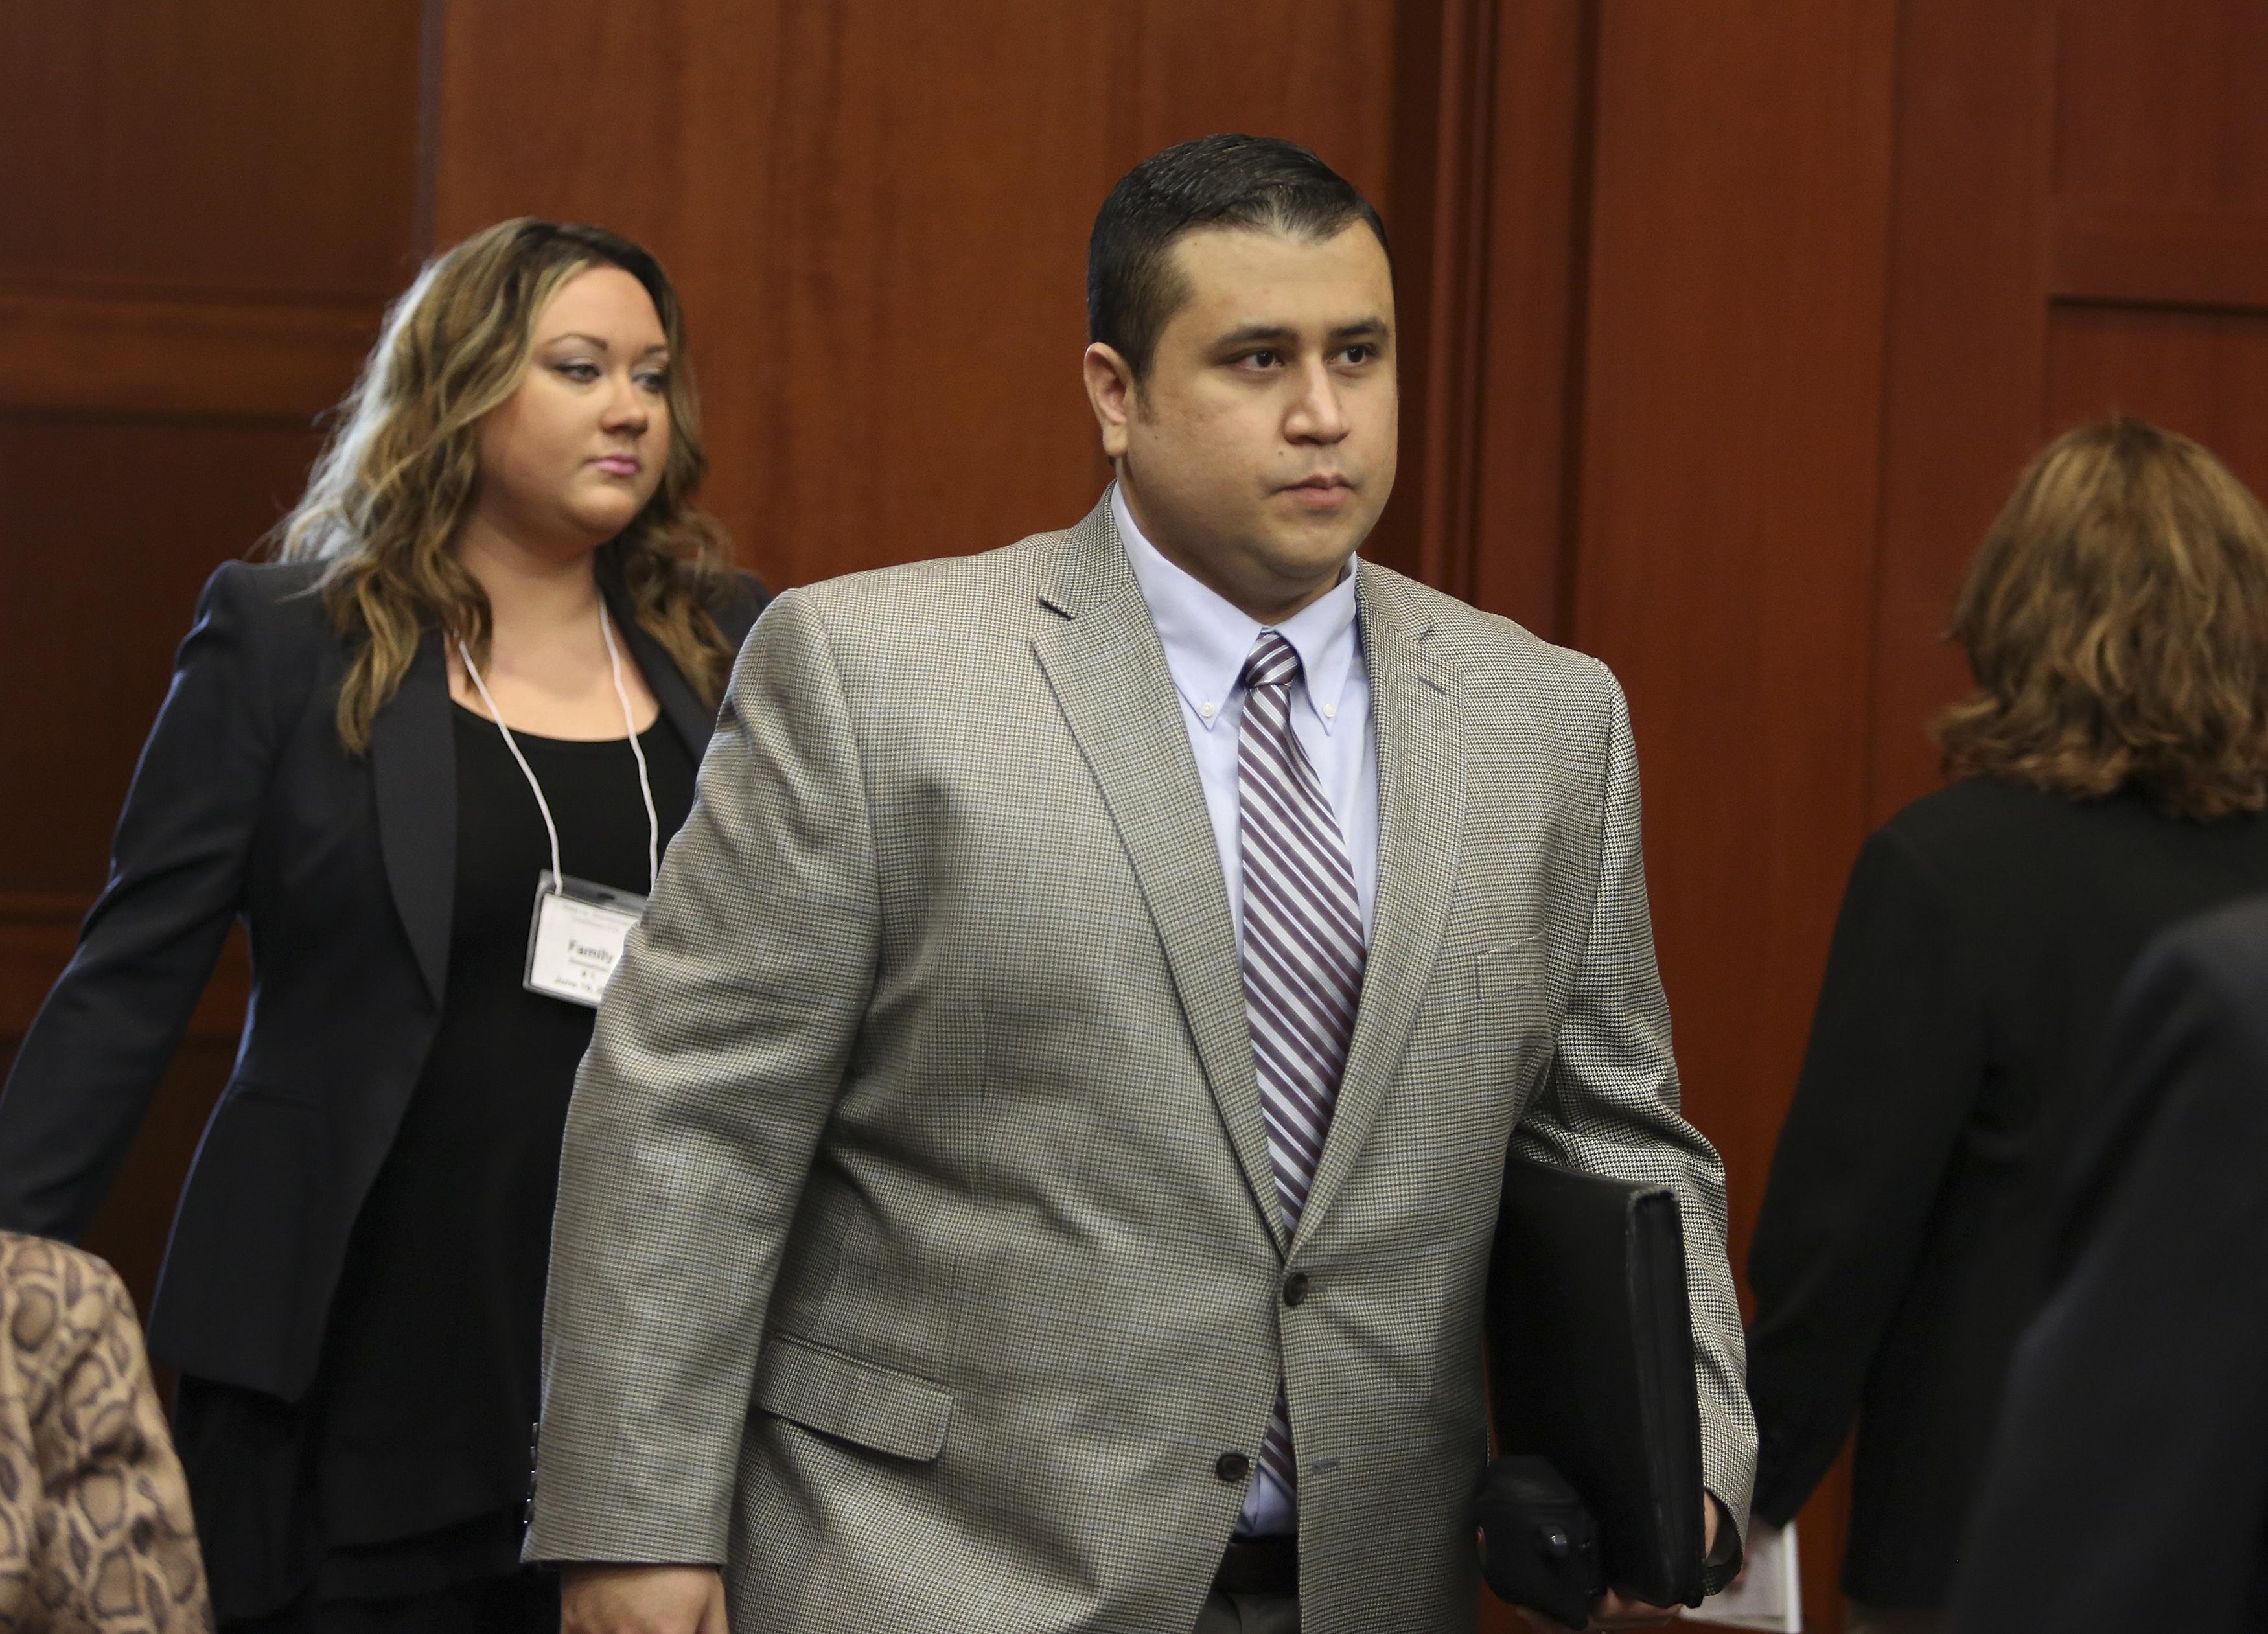 Zimmerman Wife Perjury George Zimmerman Wife Perjury